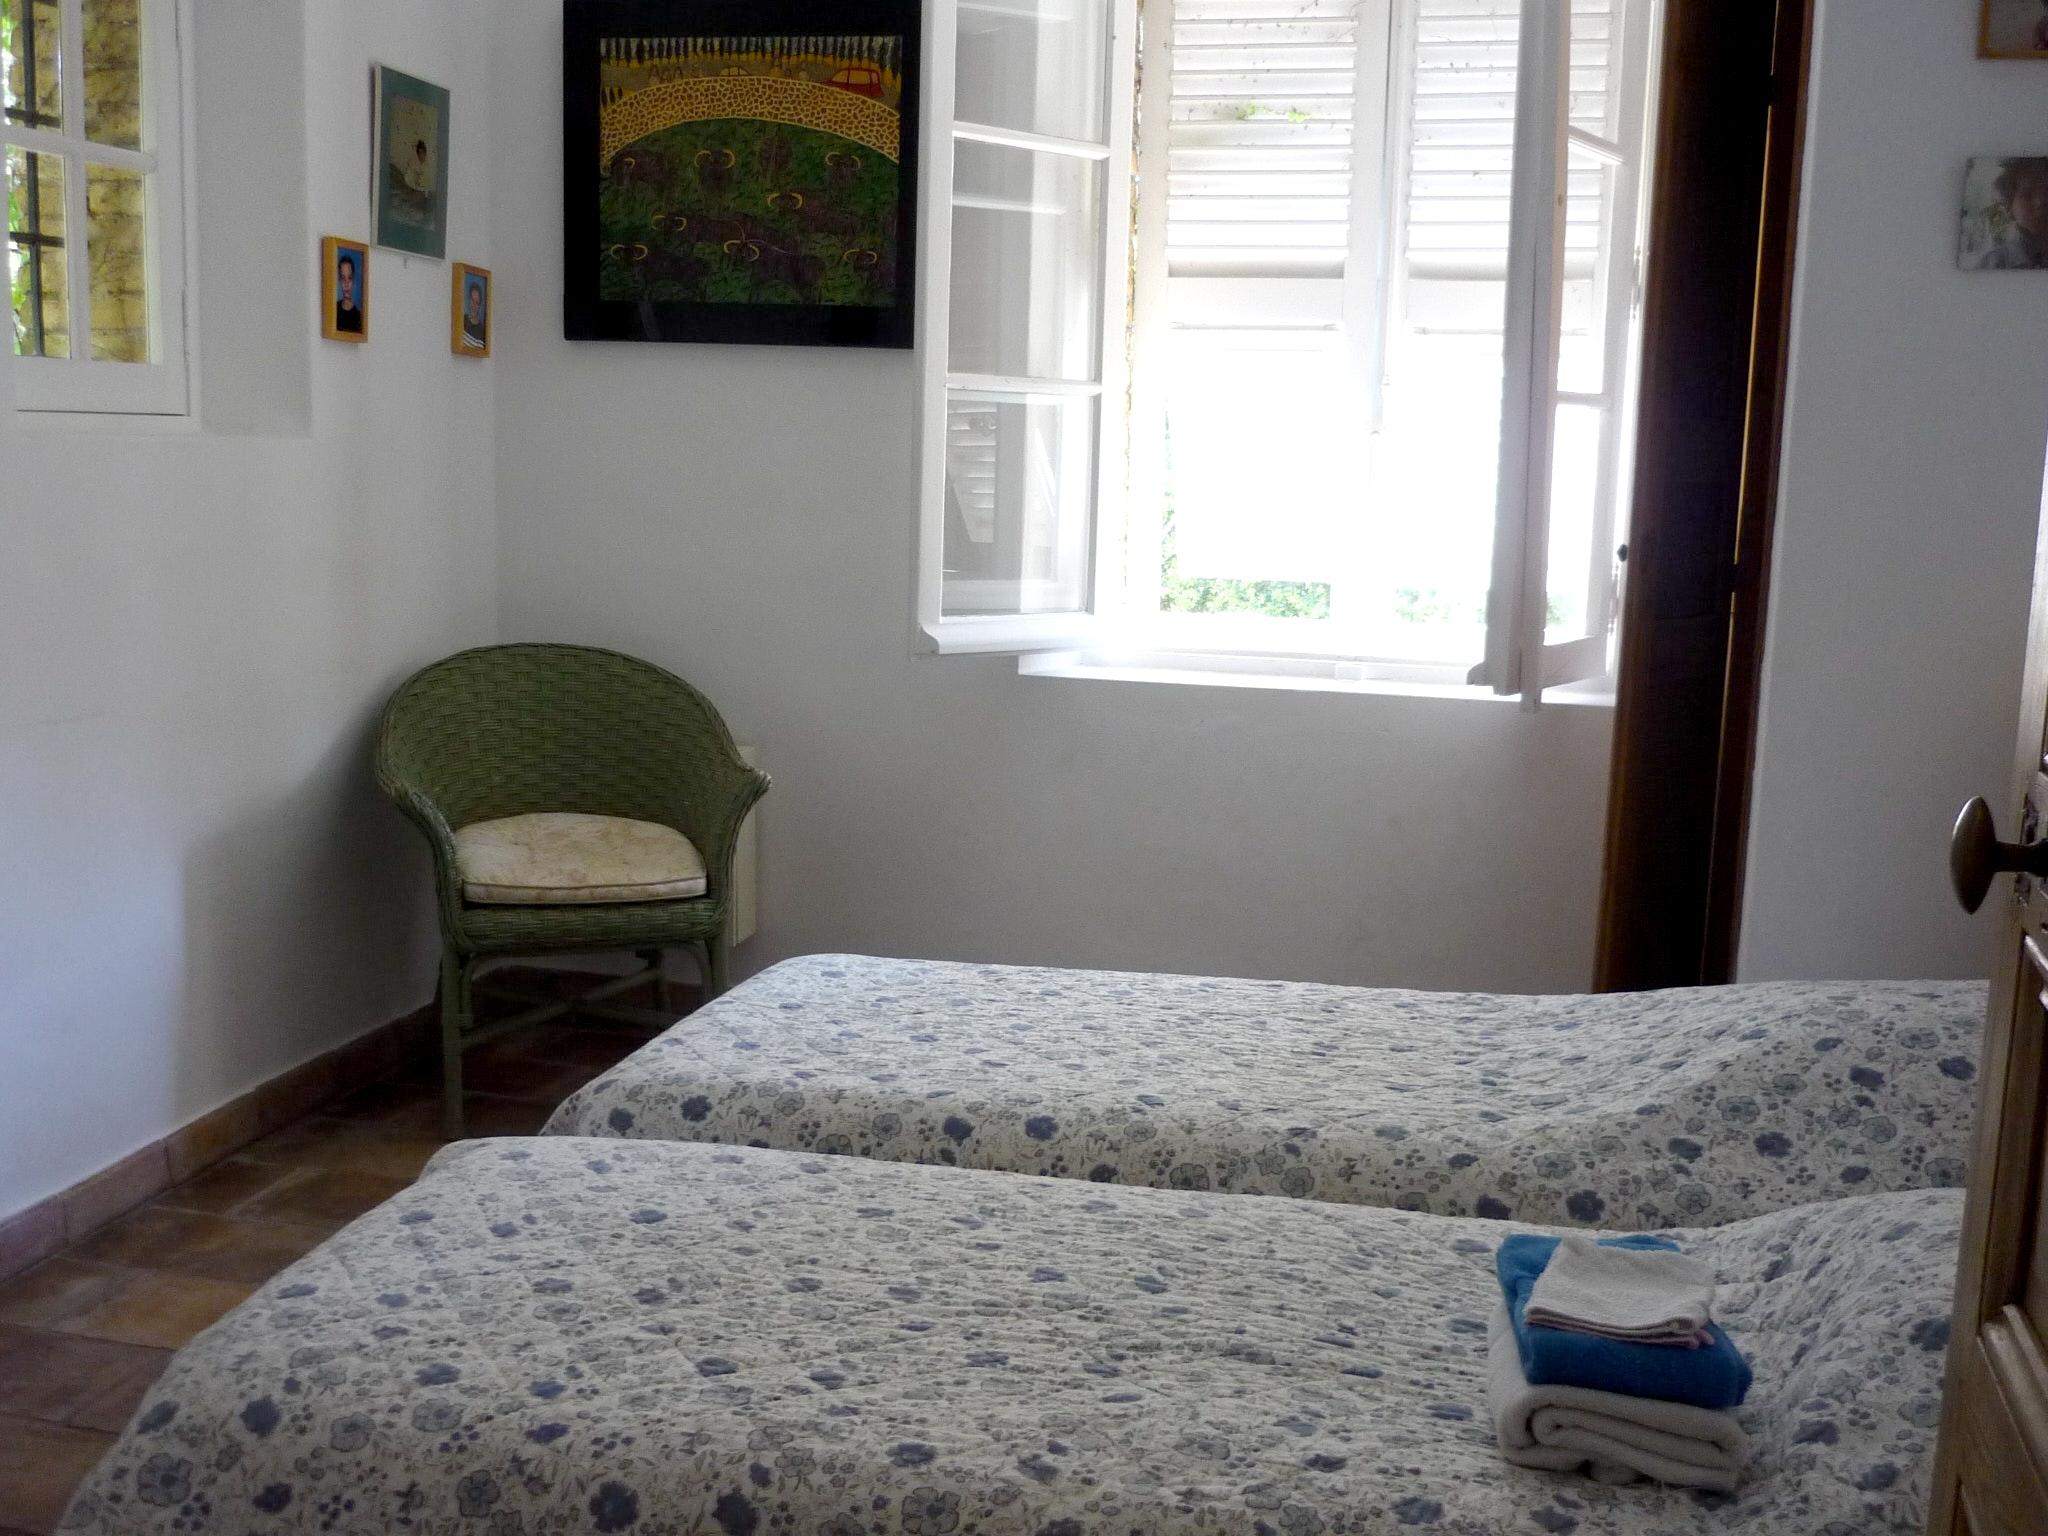 Maison de vacances Villa mit 5 Zimmern in La Garde-Freinet mit privatem Pool, Garten und W-LAN - 20 km vom St (2339879), La Garde Freinet, Côte d'Azur, Provence - Alpes - Côte d'Azur, France, image 17